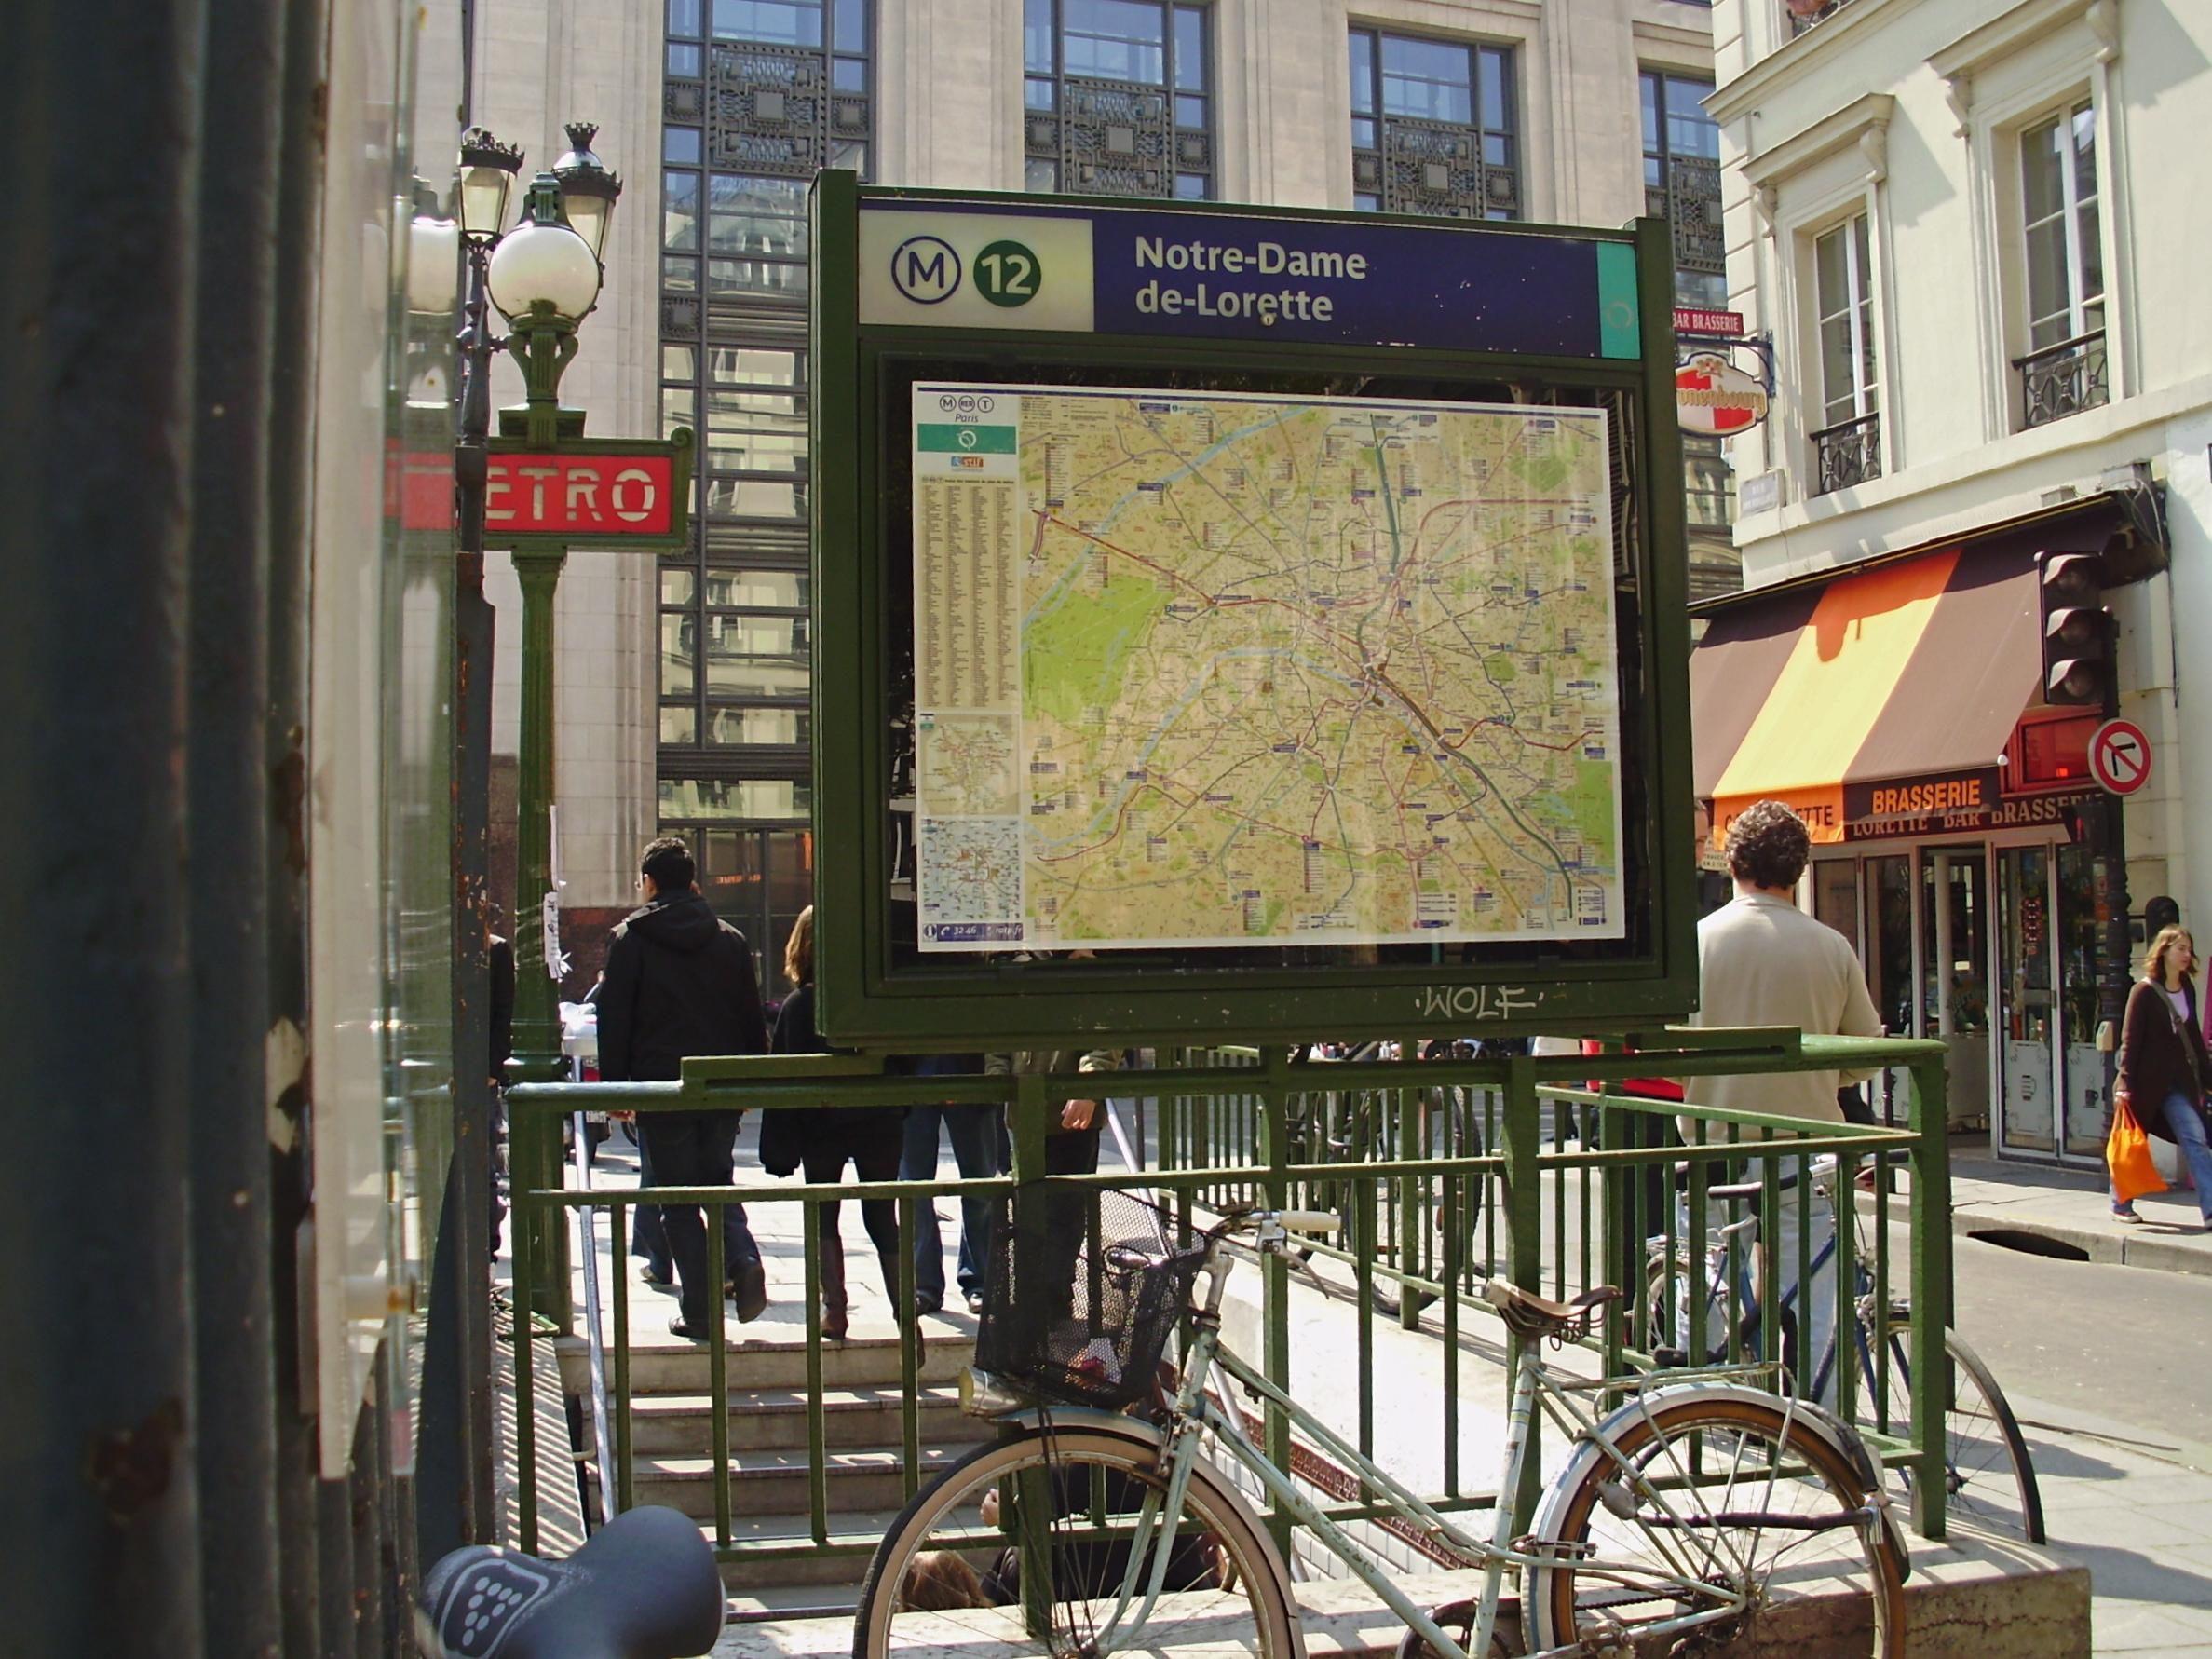 Notre dame de lorette m tro de paris - Metro notre dame de lorette ...